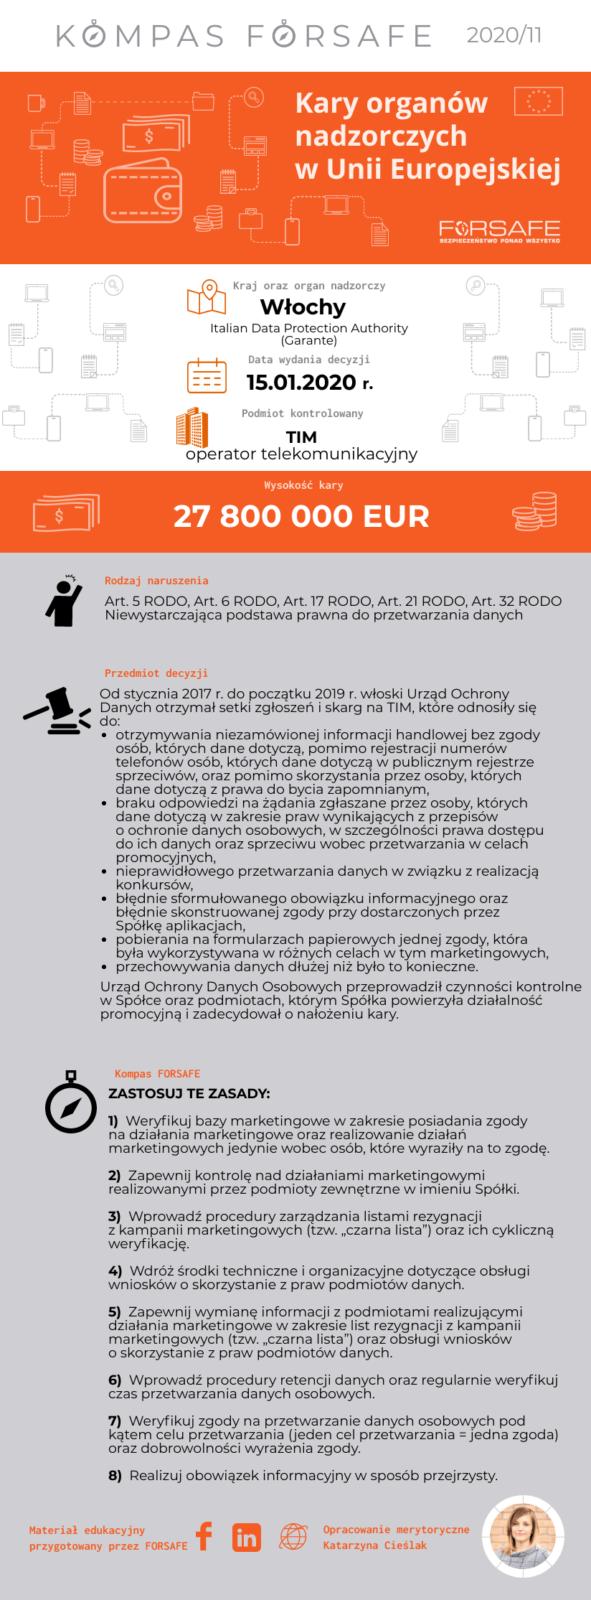 kompas forsafe eu 2020 11 KOMPAS FORSAFE EU 2020/11 - Kara dla TIM